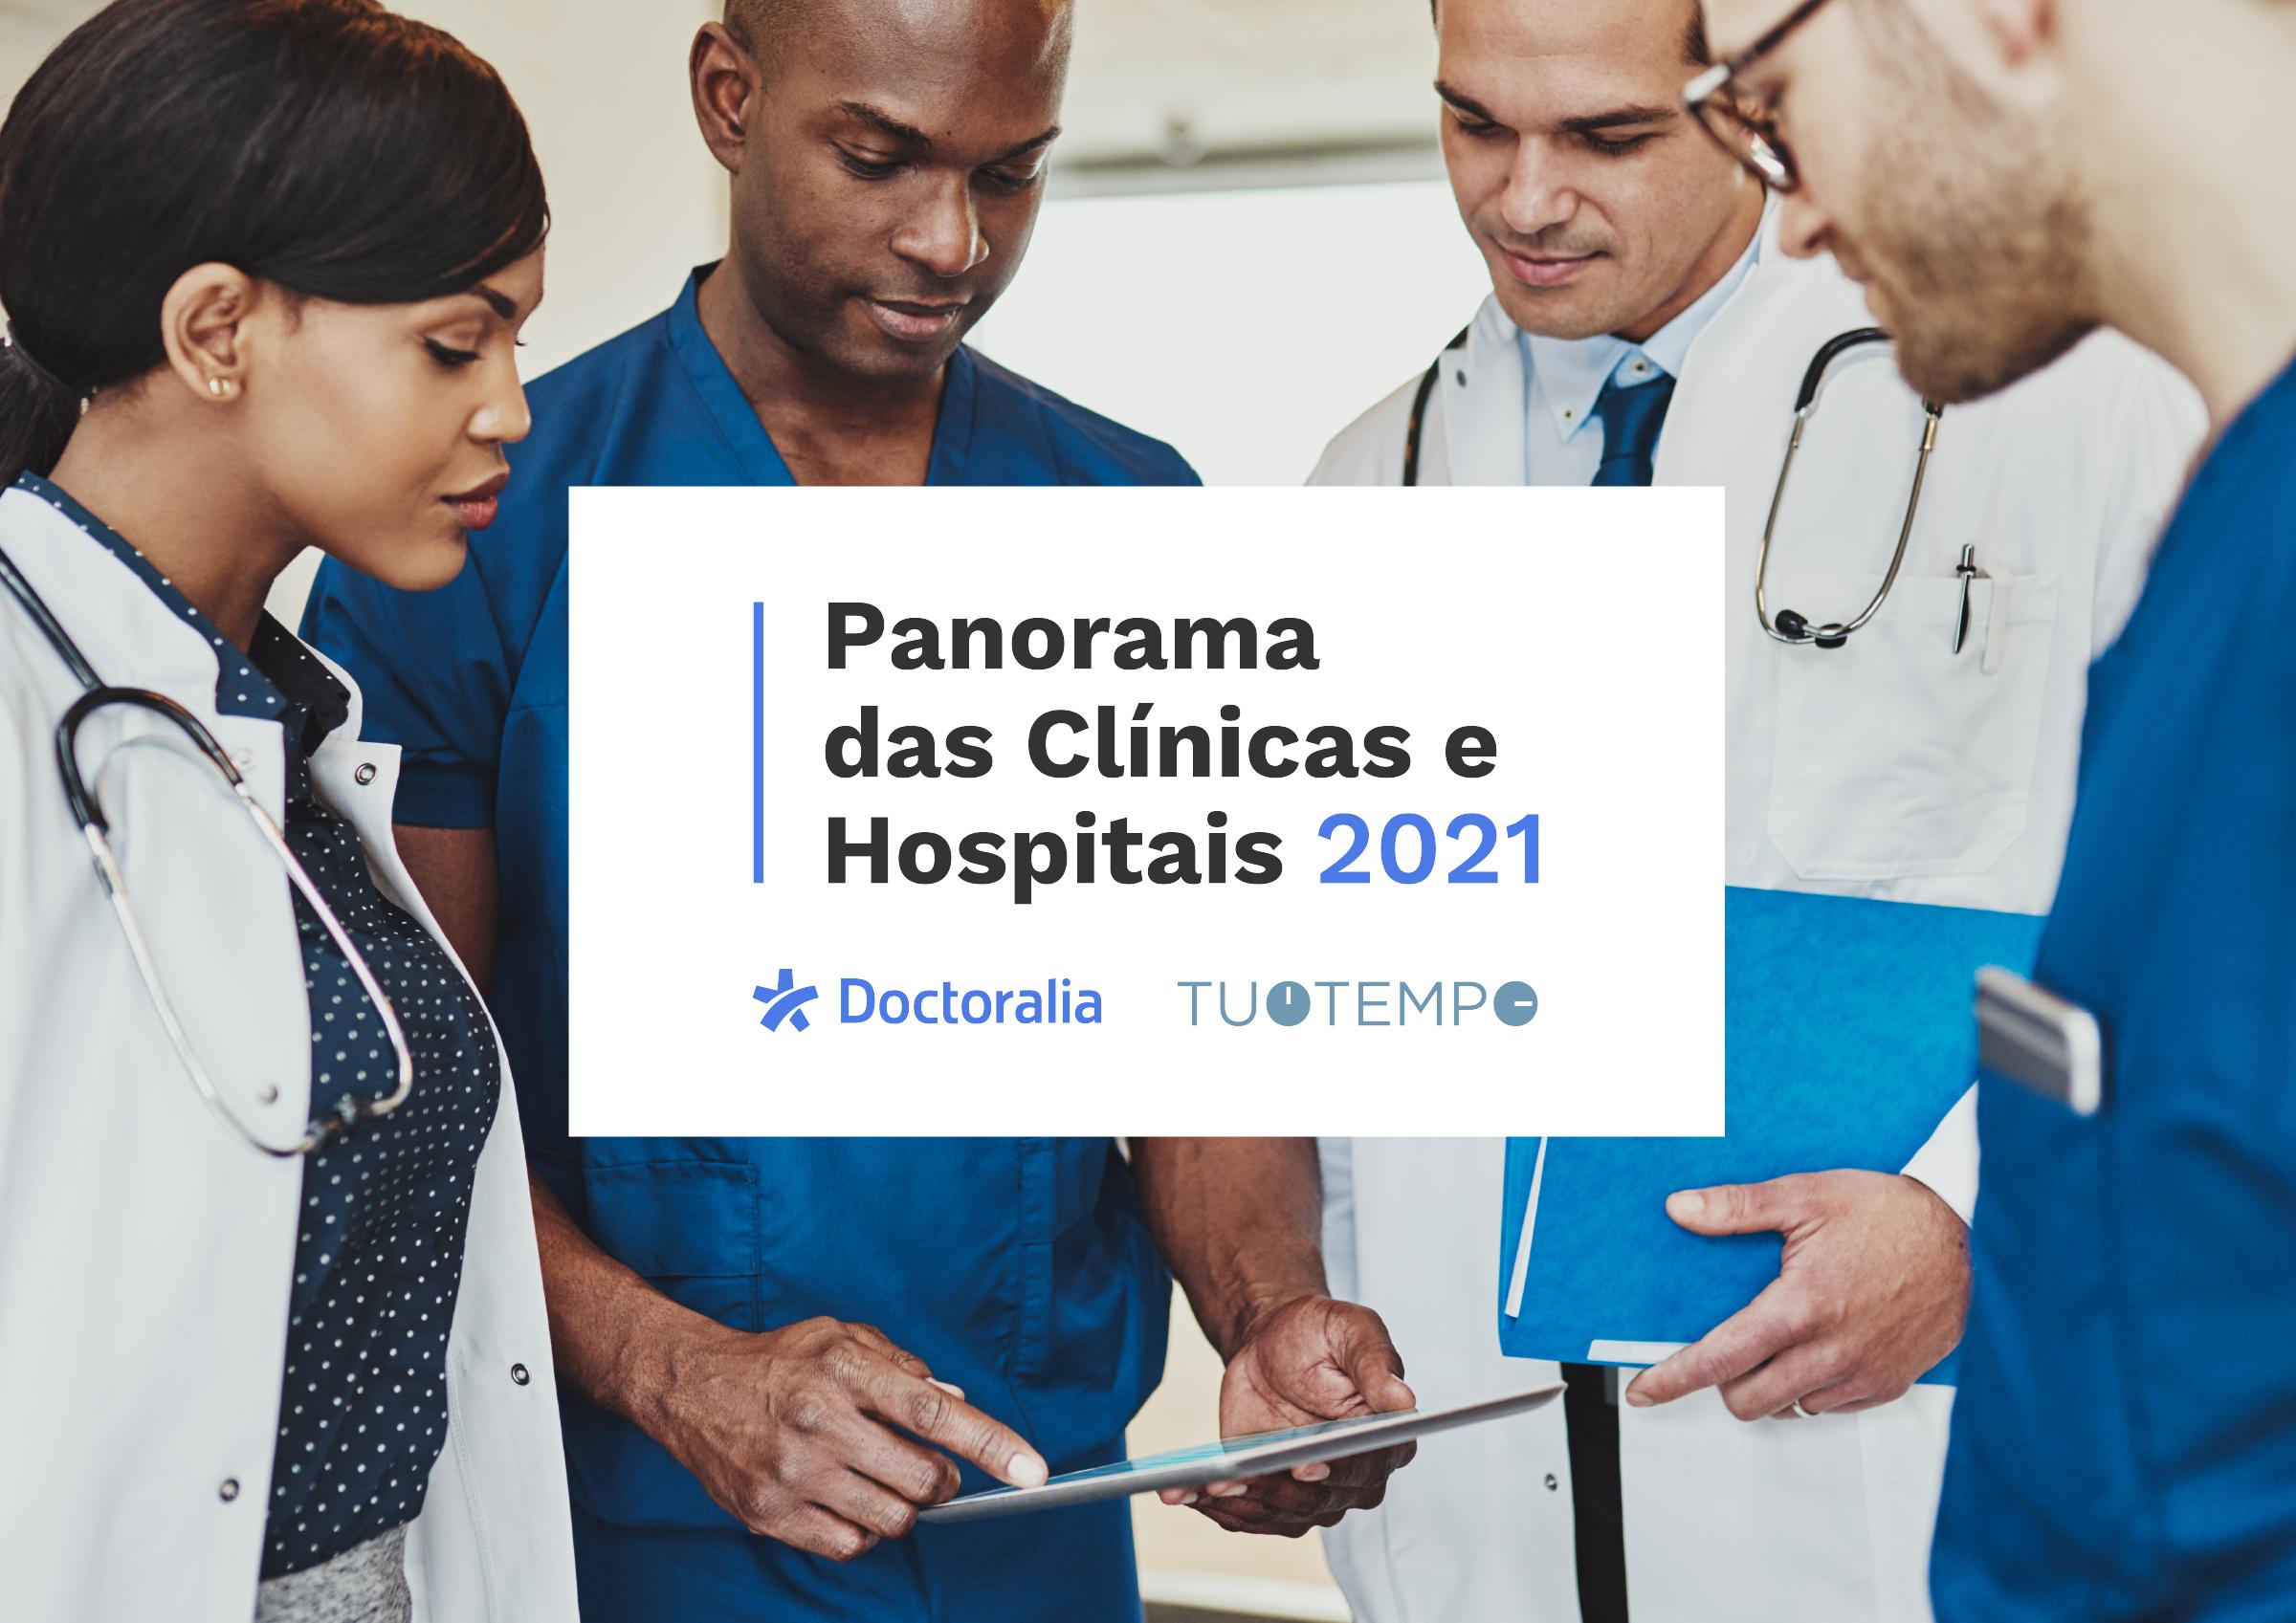 Panorama-das-Clínicas-e-Hospitais-cover-bright